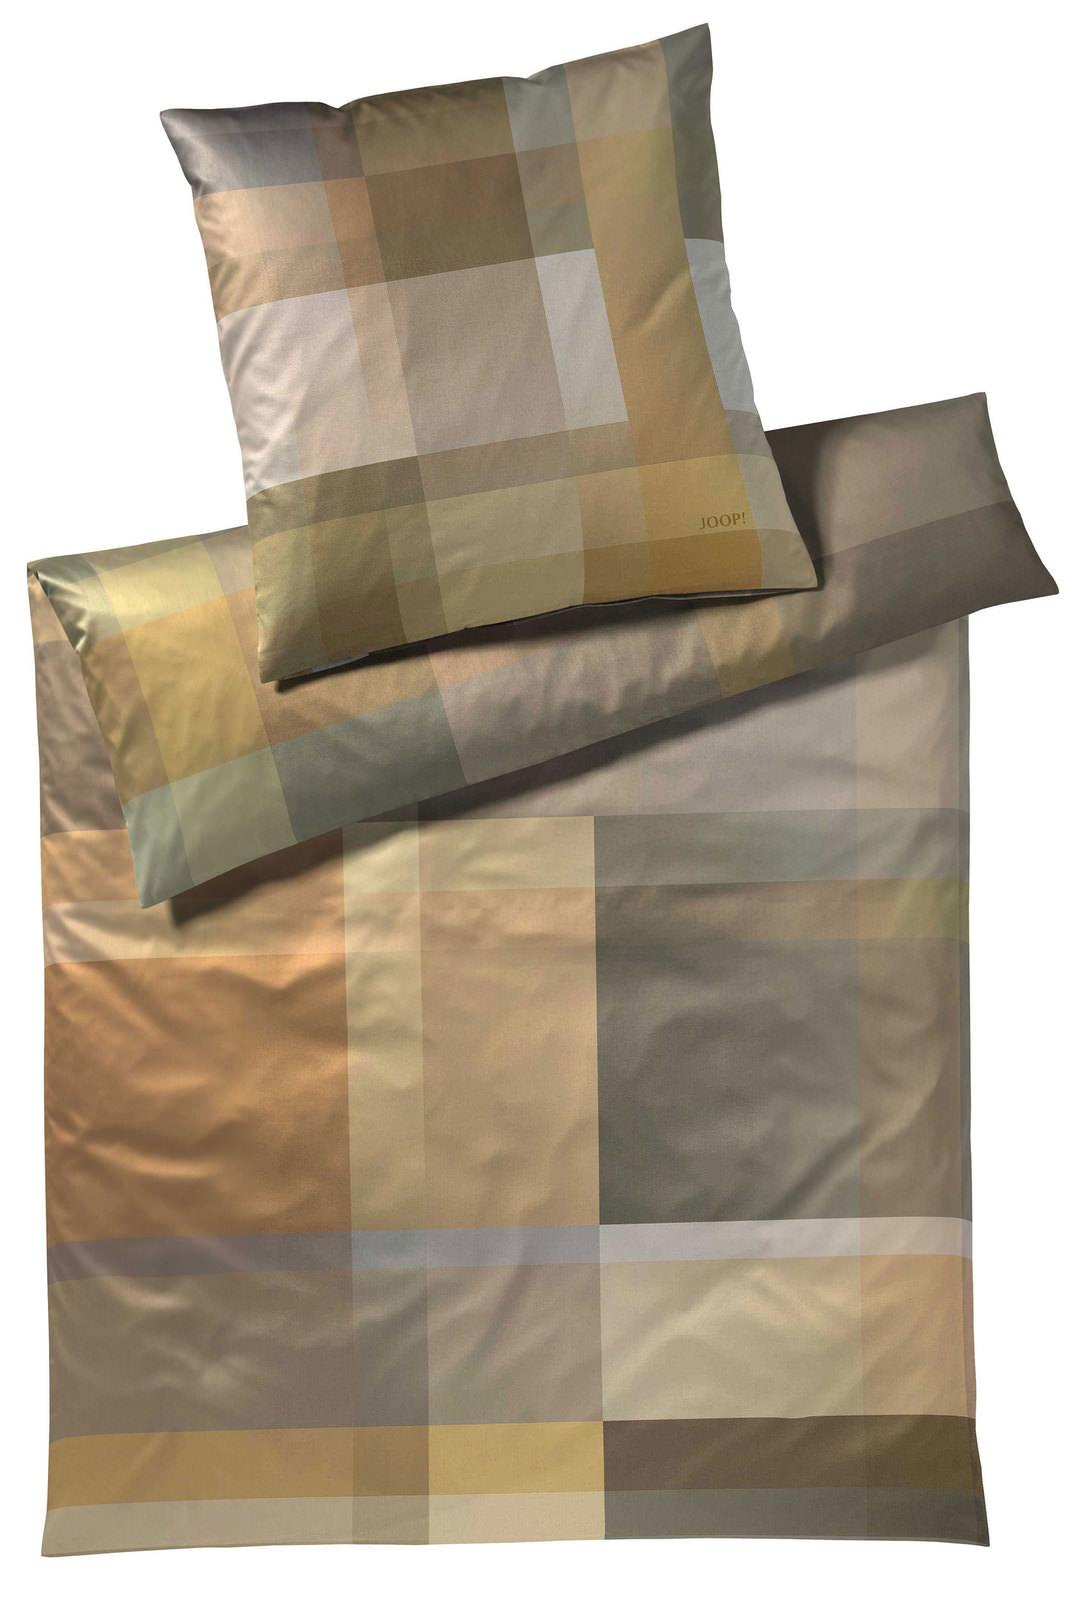 joop joop satin bettw sche online entdecken schaffrath ihr m belhaus. Black Bedroom Furniture Sets. Home Design Ideas